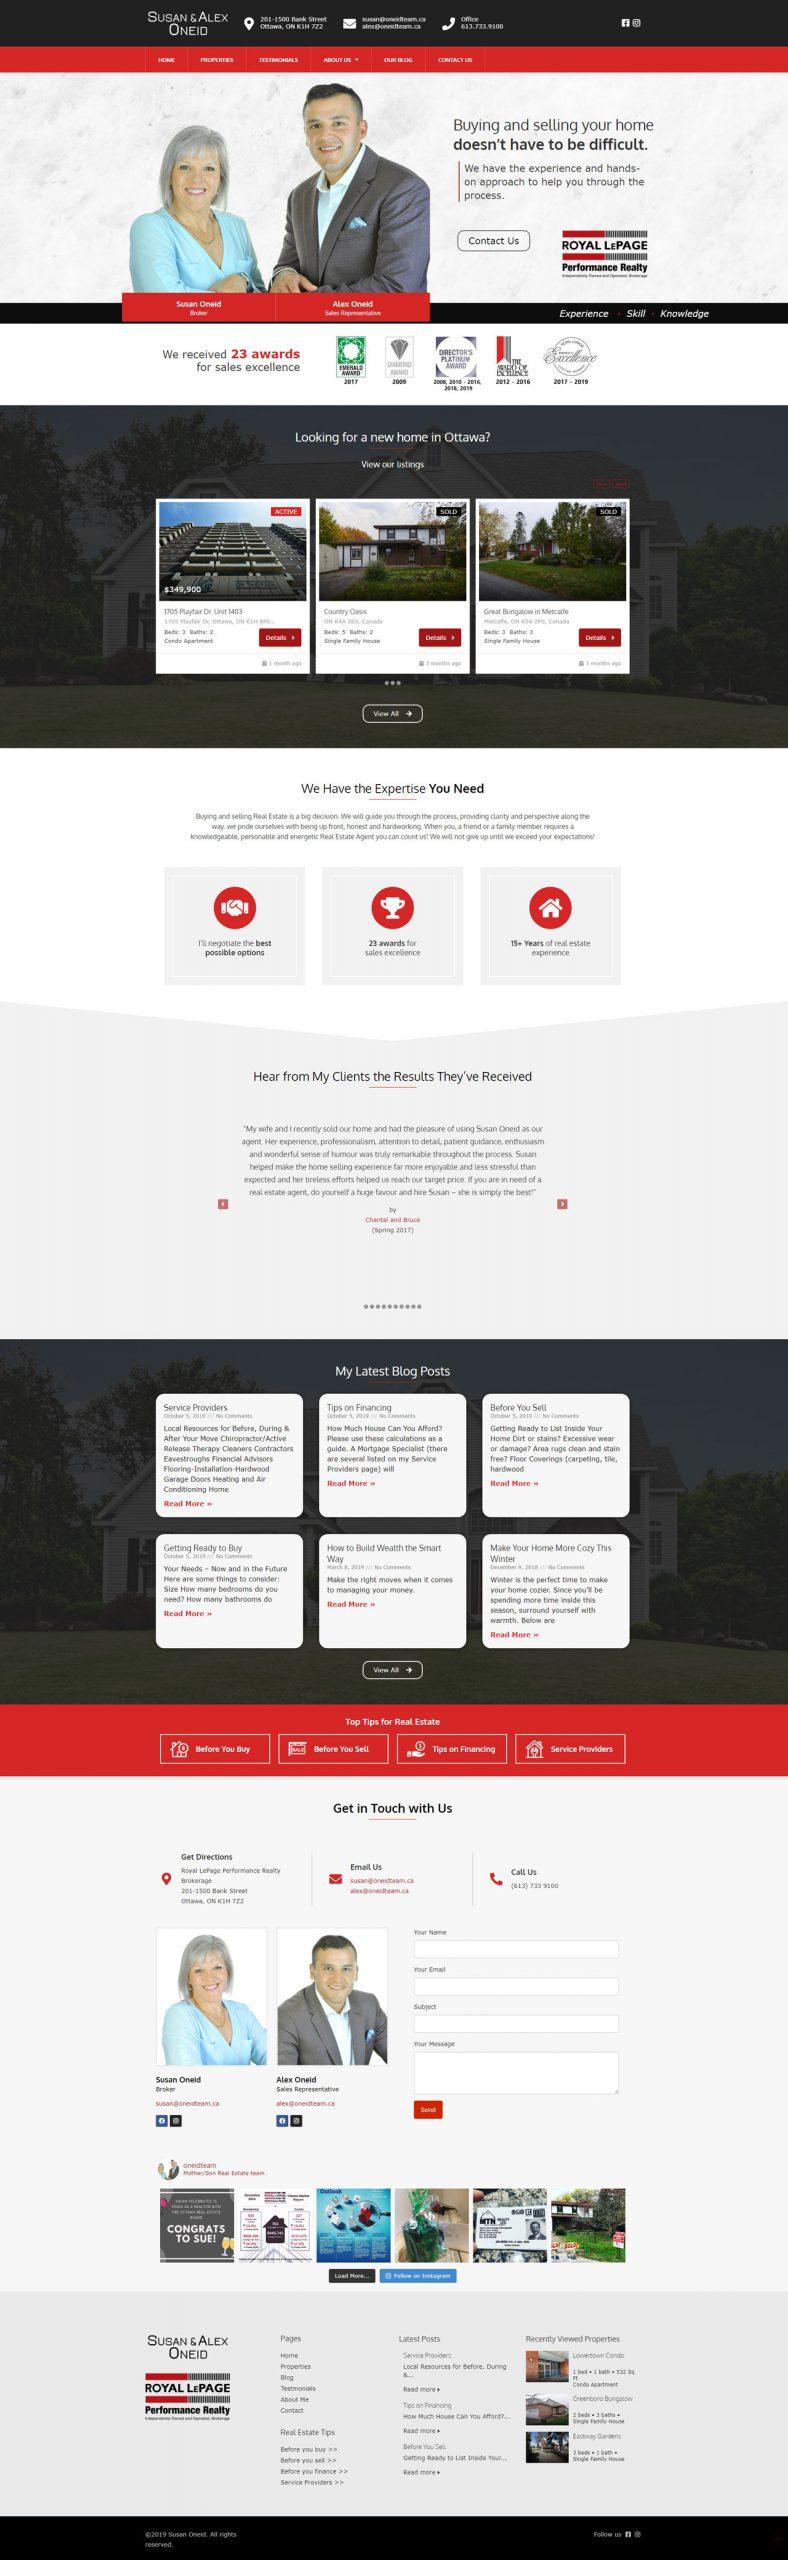 oneidteam.ca's home page demo & explanation